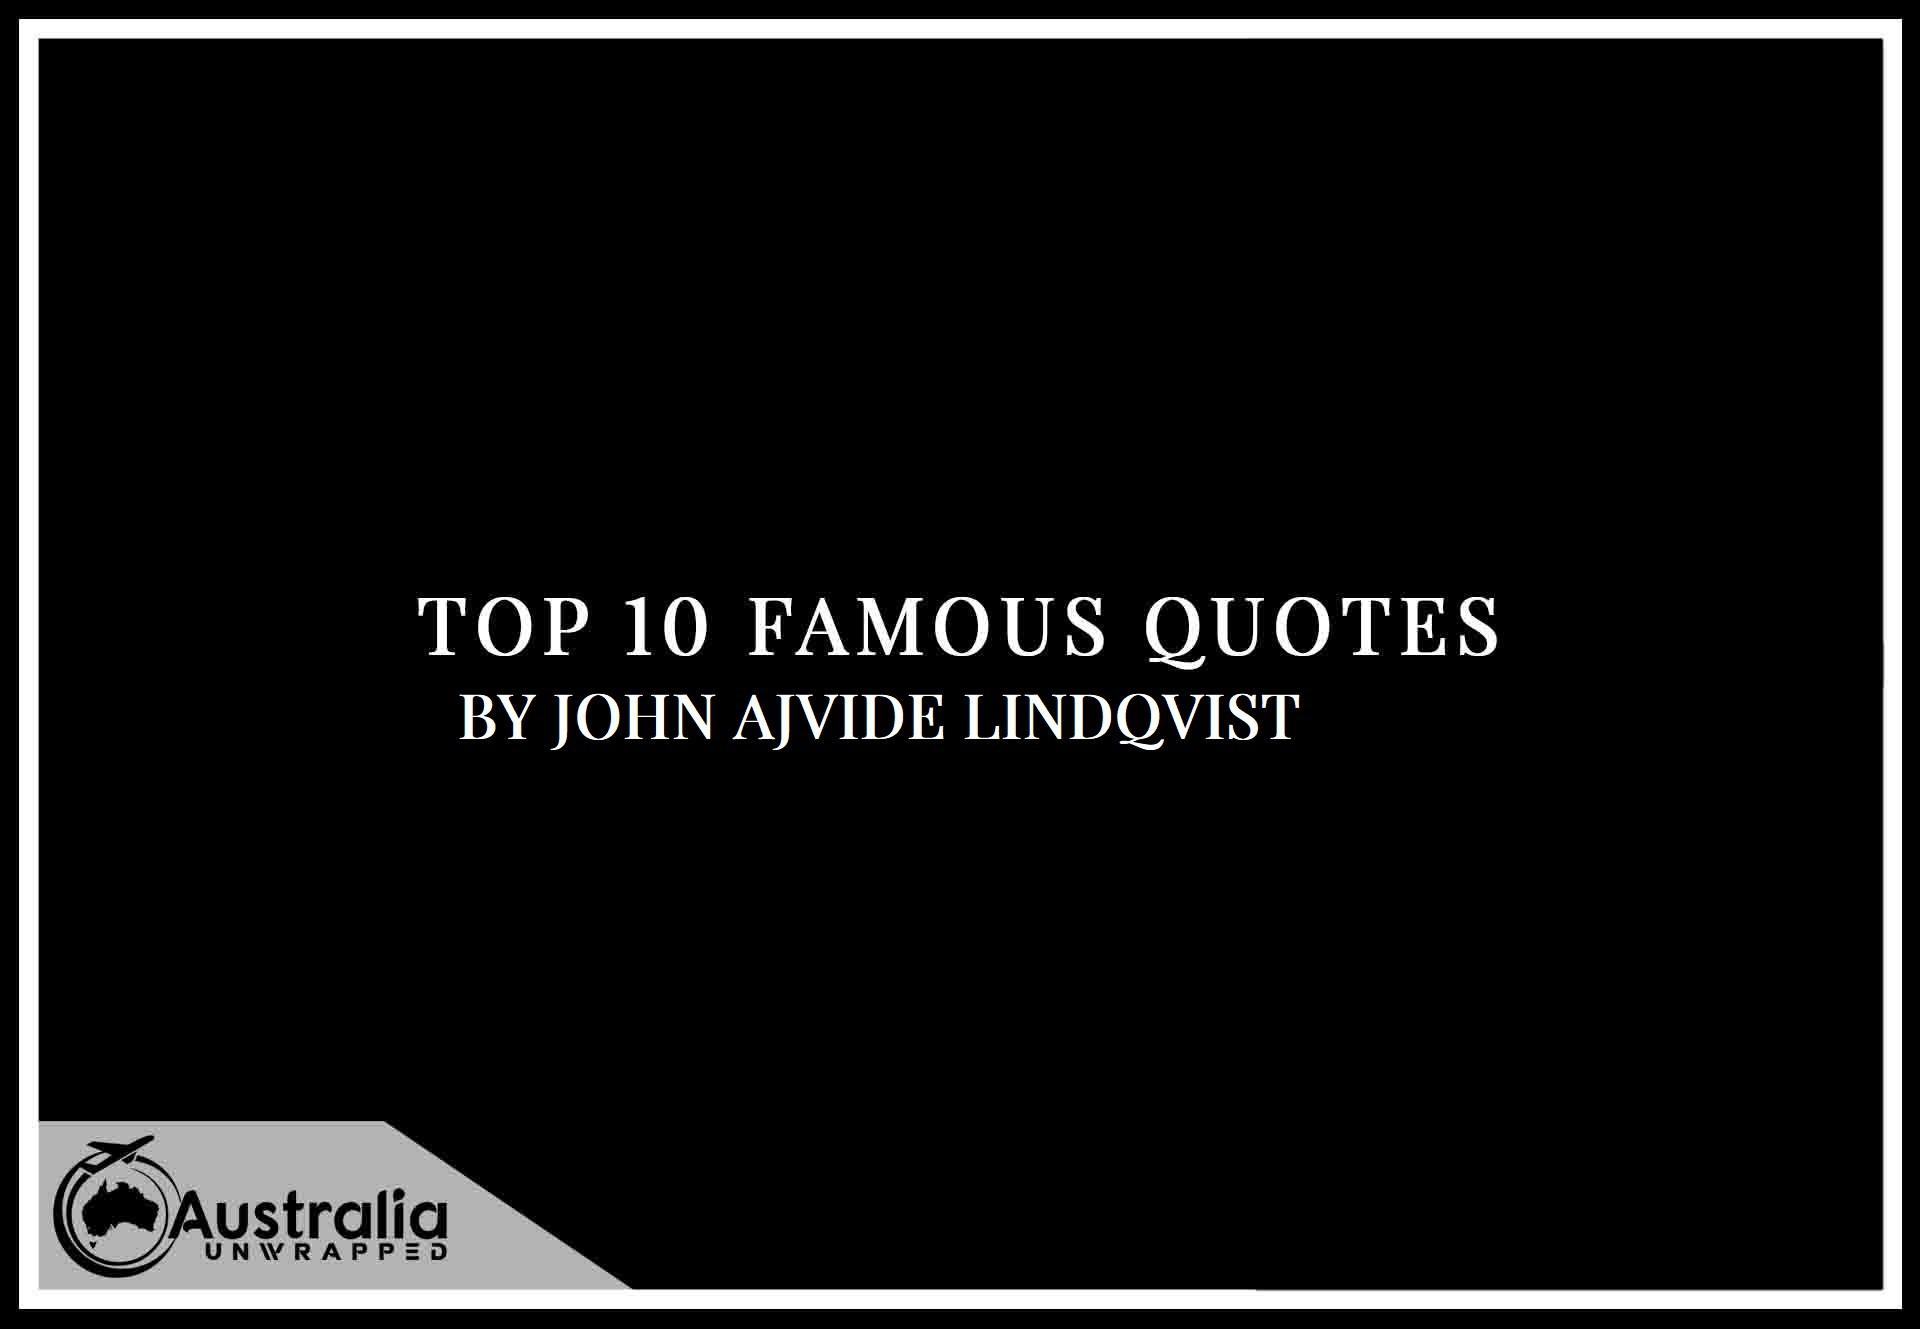 Top 10 Famous Quotes by Author John Ajvide Lindqvist